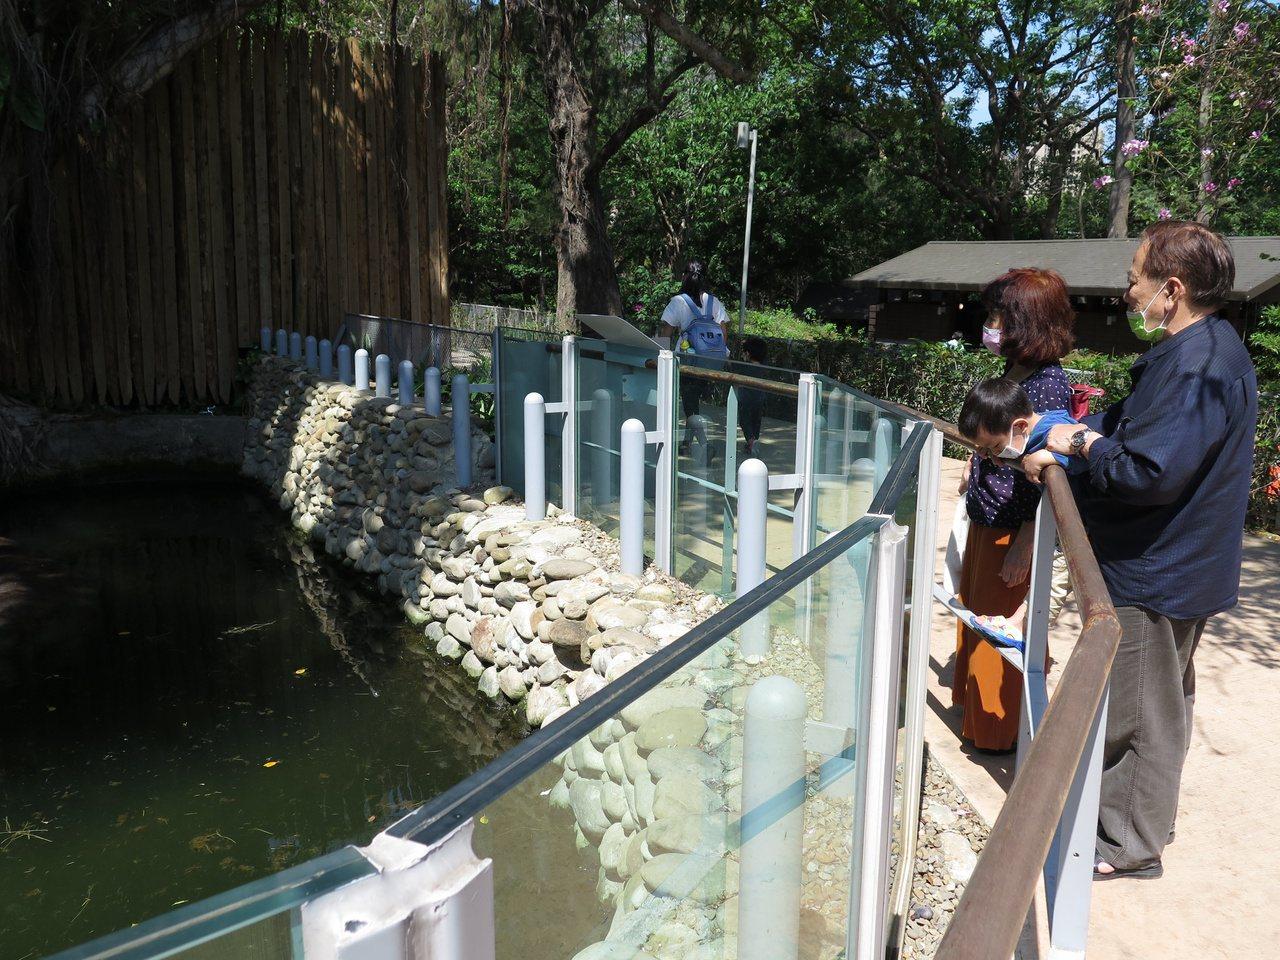 河馬樂樂是新竹市立動物園的明星,天氣漸熱,常見牠泡在水中消暑。 圖/張裕珍 攝影